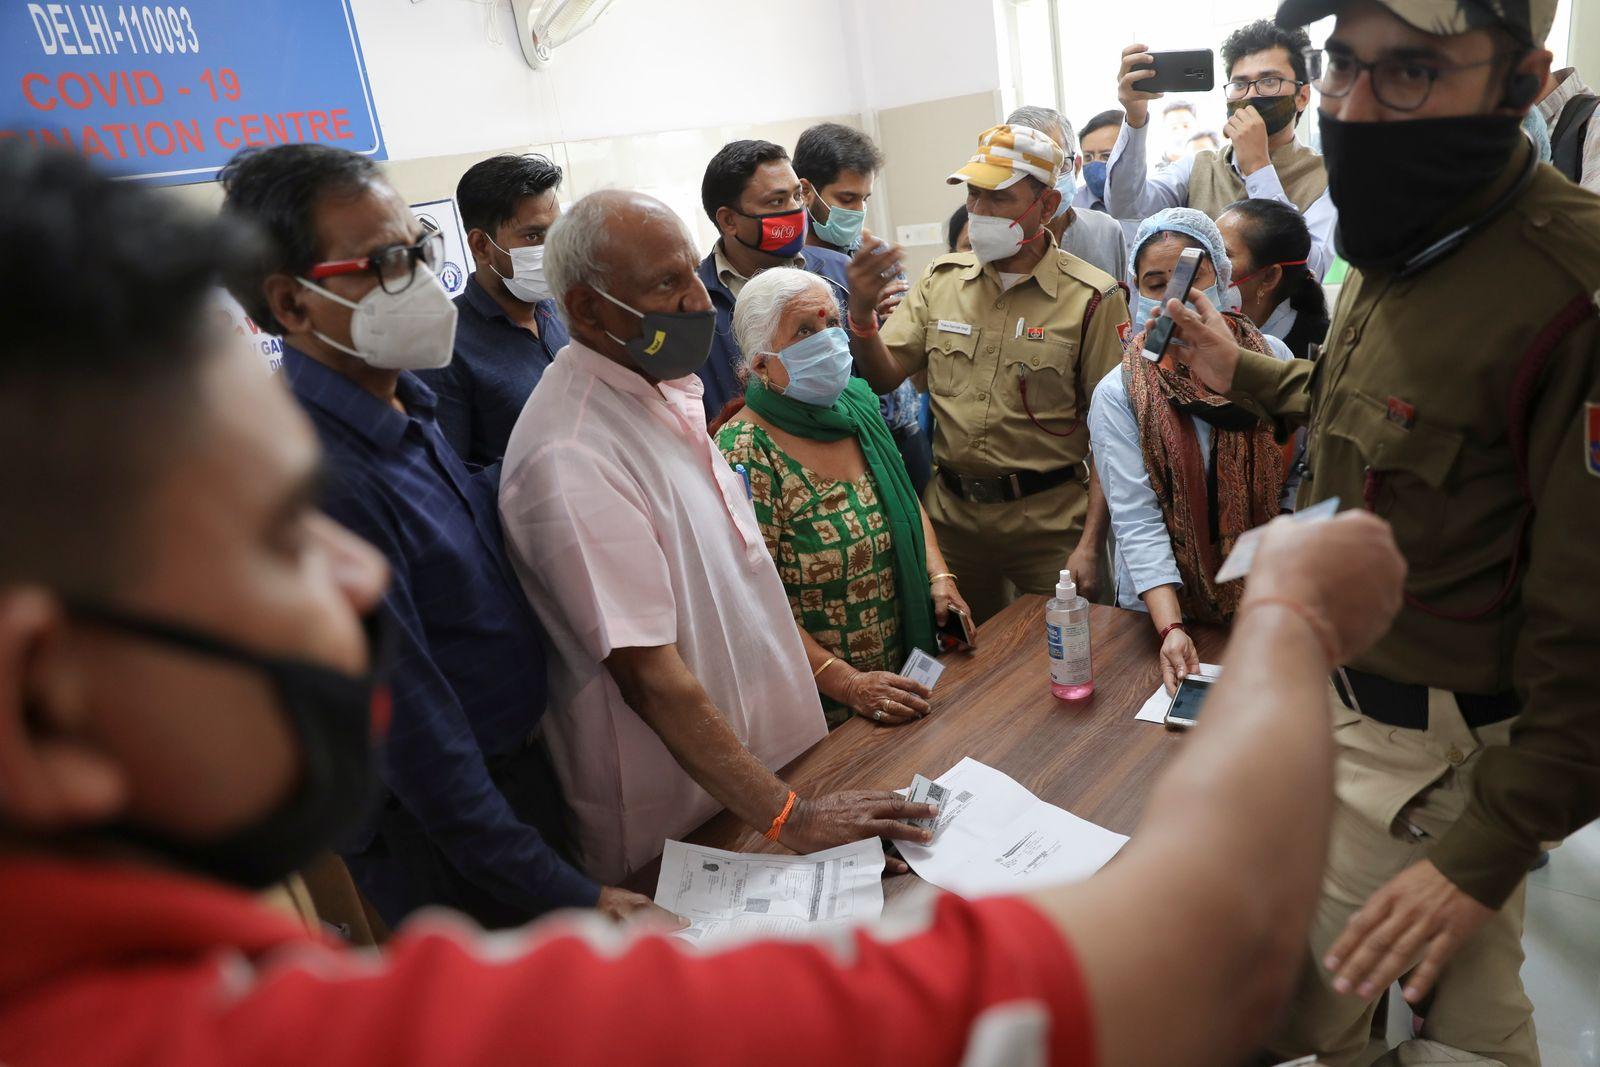 COVID-19 vaccination in New Delhi